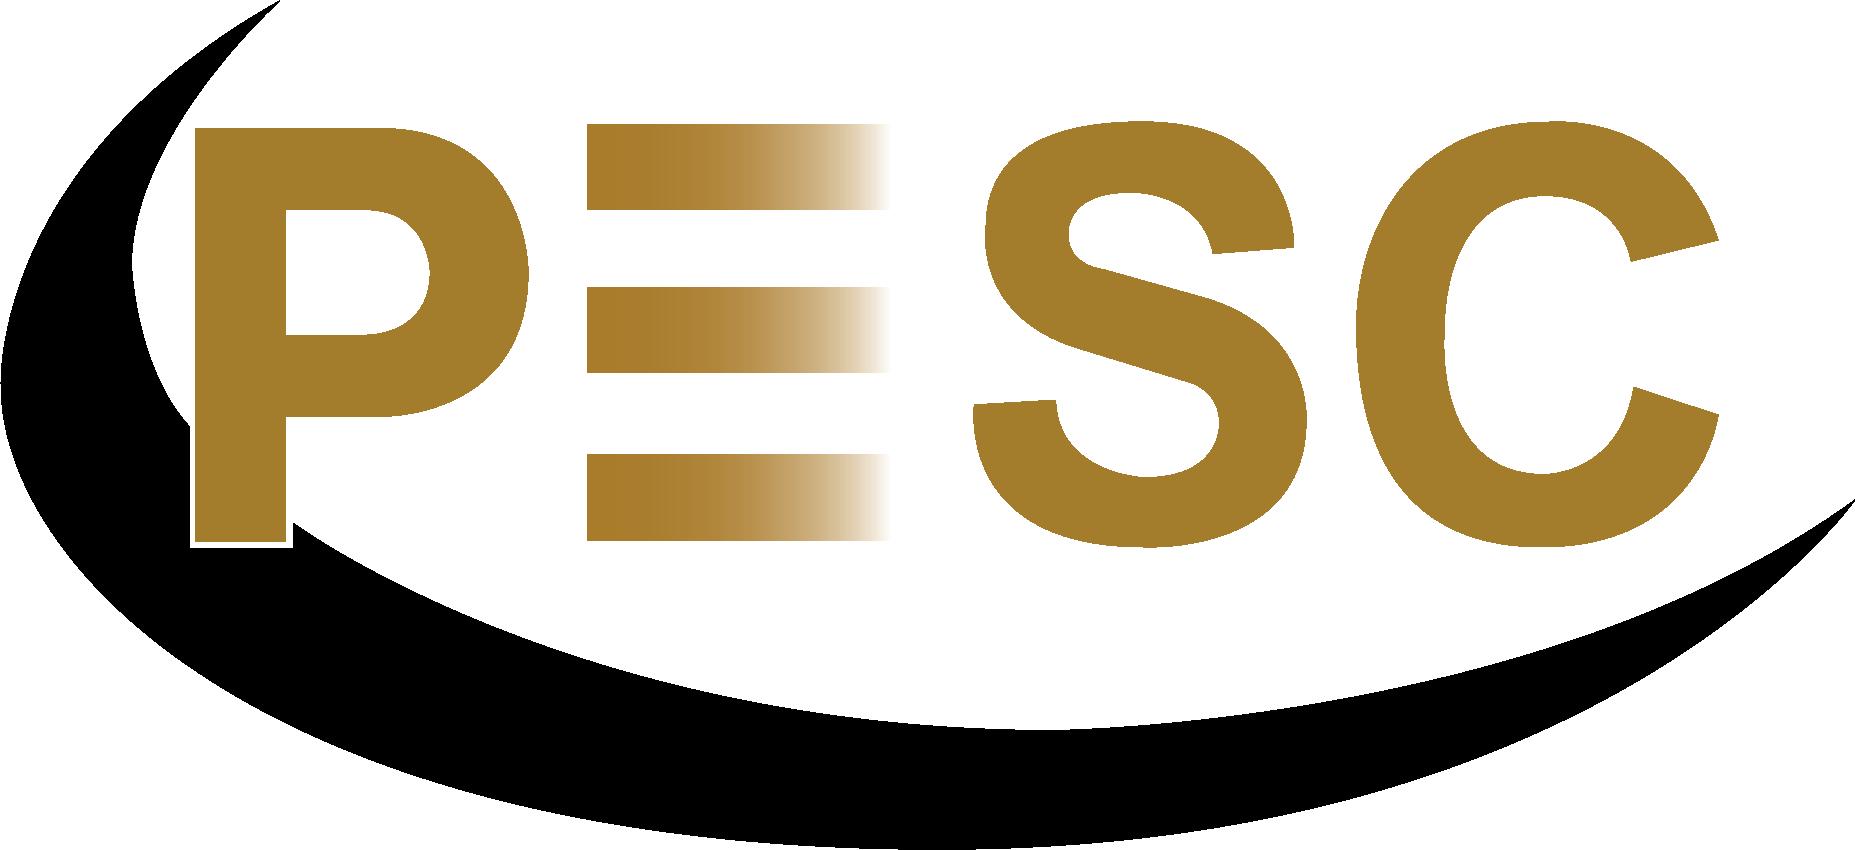 PESC_logo-b_g.png